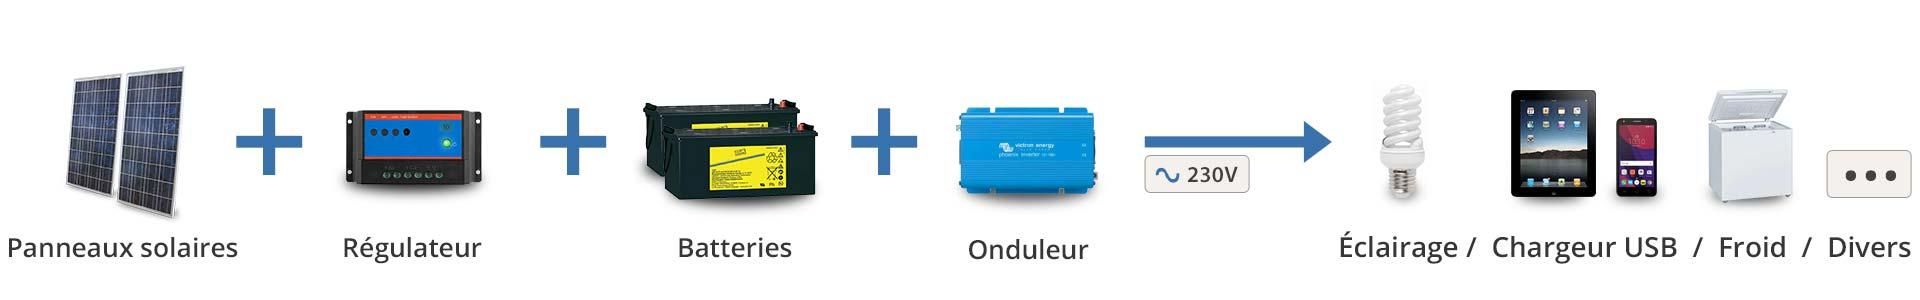 Principe de fonctionnement Kit solaire Off Grid 230V avec onduleur pour éclairage, chargeur, frigo